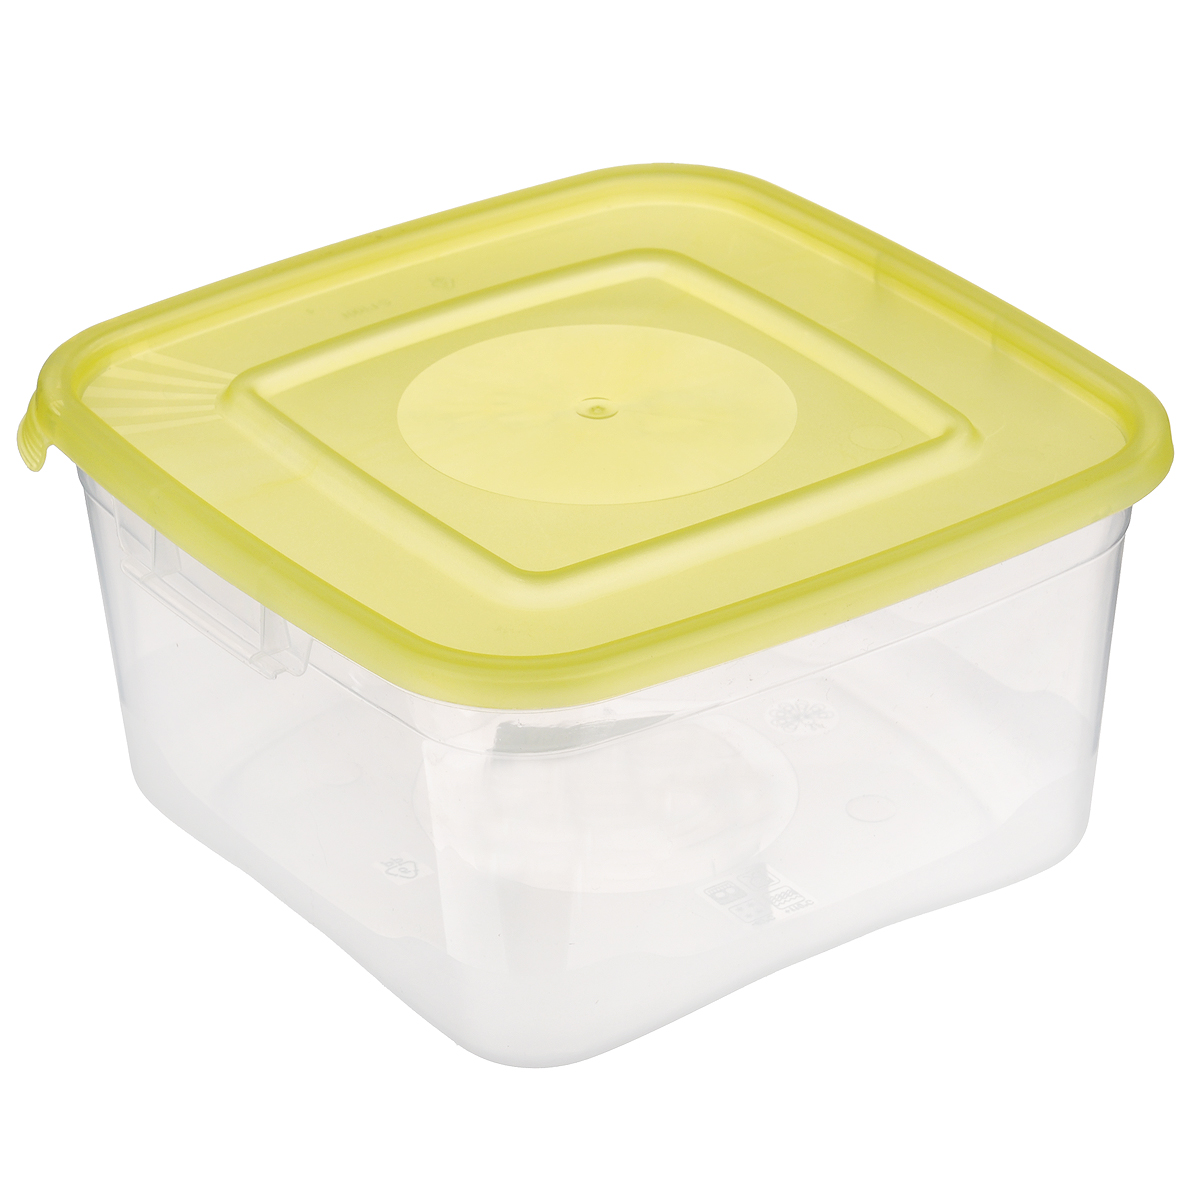 """Контейнер Полимербыт """"Каскад"""" квадратной формы, изготовленный из прочного пластика, предназначен специально для хранения пищевых продуктов. Крышка легко открывается и плотно закрывается.   Контейнер устойчив к воздействию масел и жиров, легко моется. Прозрачные стенки позволяют видеть содержимое. Контейнер имеет возможность хранения продуктов глубокой заморозки, обладает высокой прочностью.  Можно мыть в посудомоечной машине. Подходит для использования в микроволновых печах."""